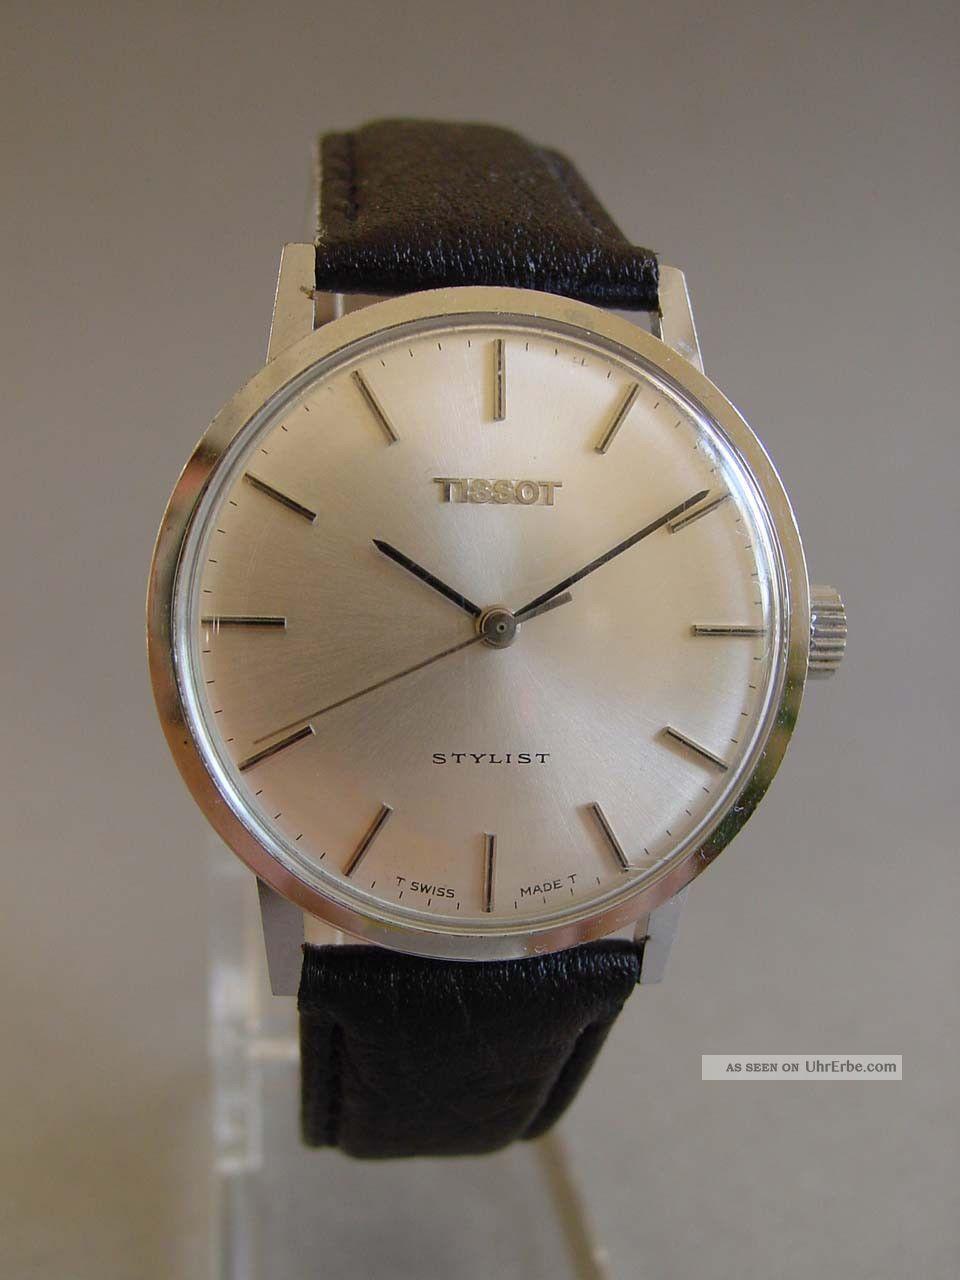 Tissot Stylist Herrenuhr Ca.  1970,  Läuft Gut Armbanduhren Bild